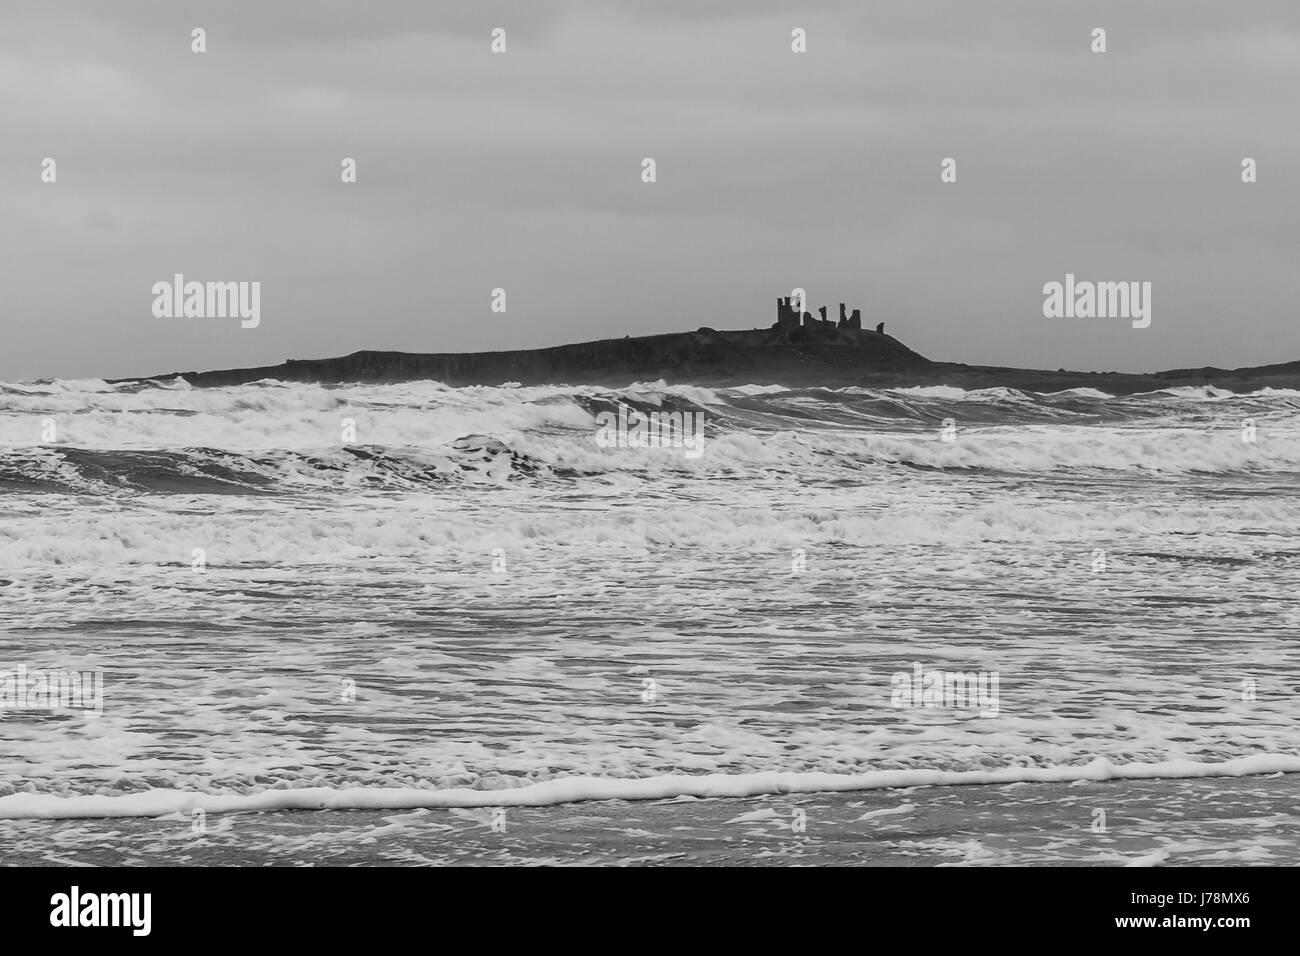 Choppy seas - Stock Image